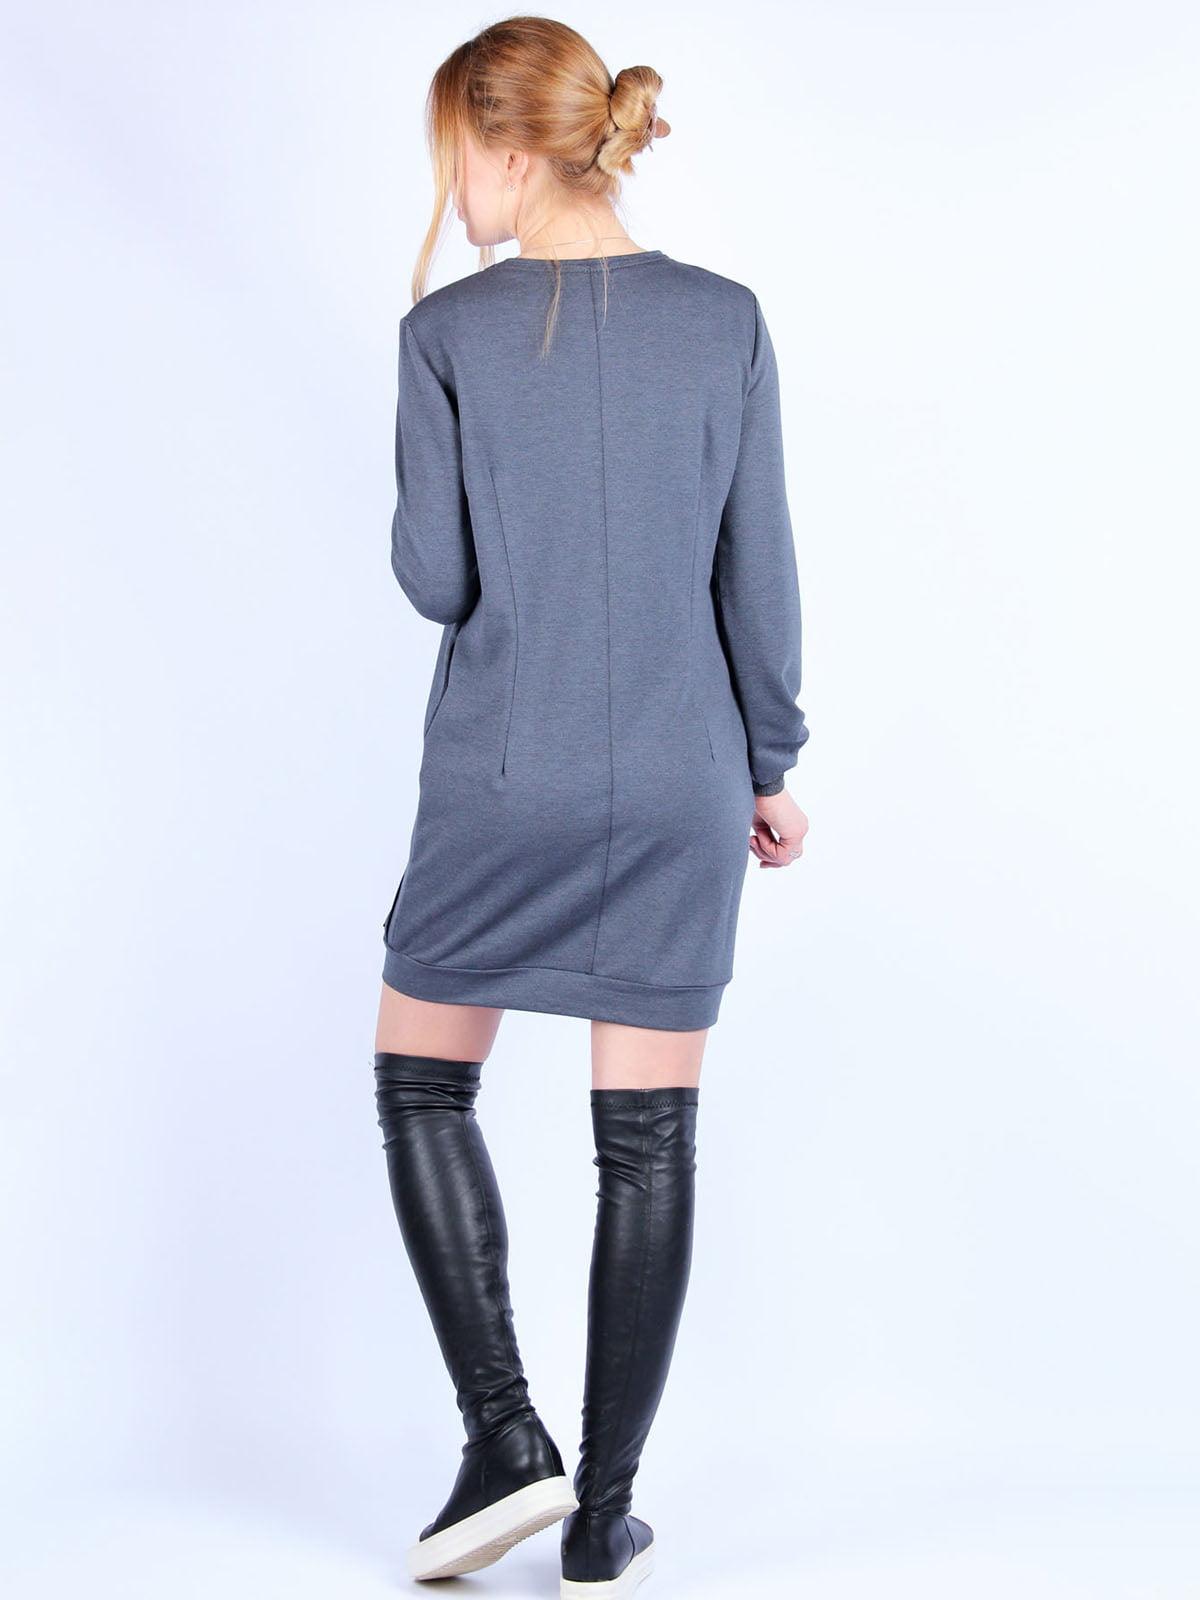 Сукня темно-сіра | 4894045 | фото 2